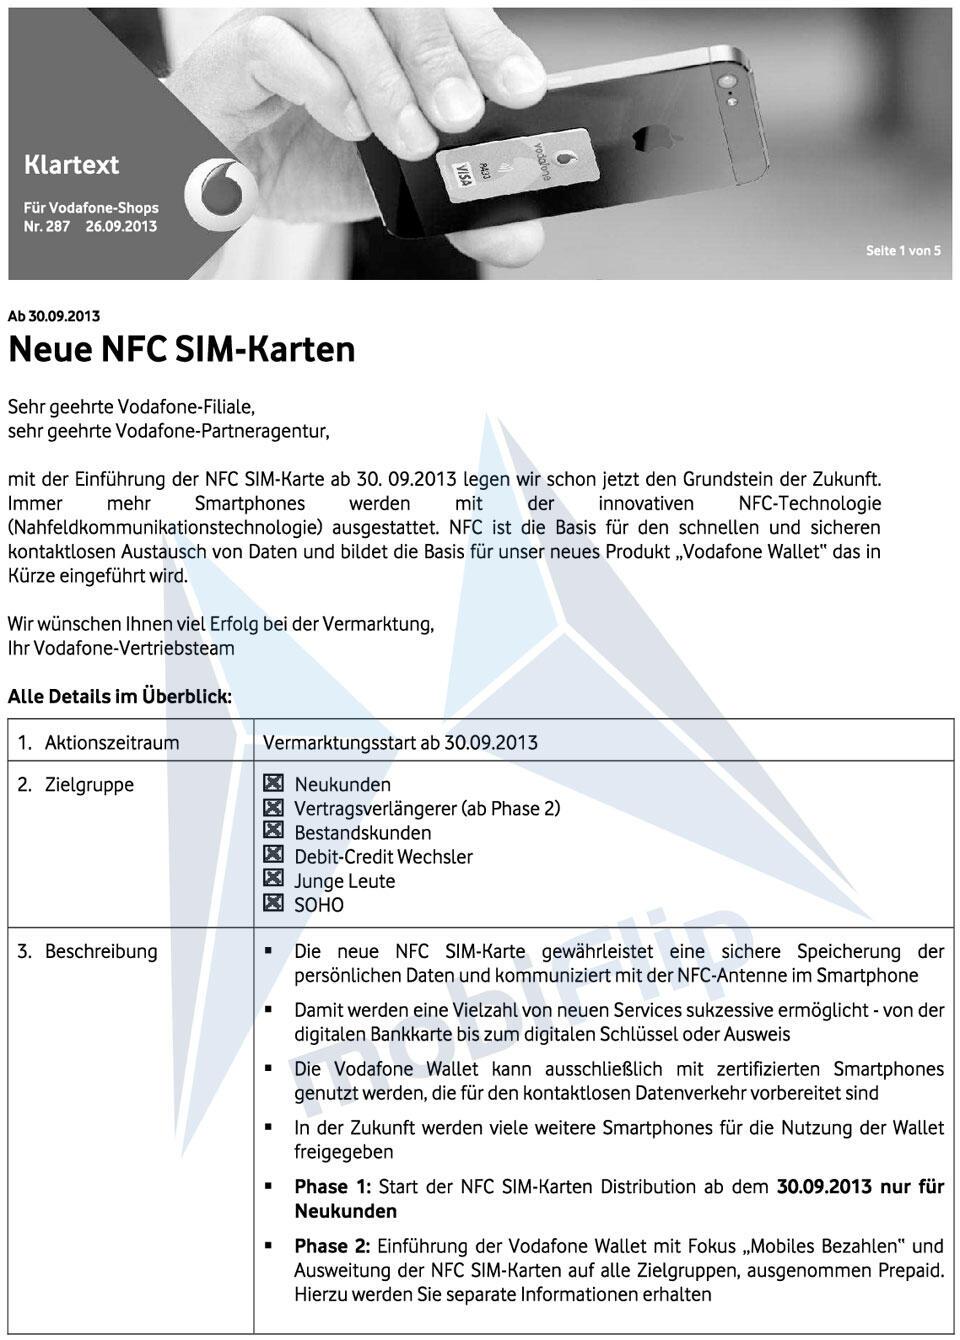 Vf Triple Nfc Karte R4.Nfc Sim Karten Einführung In Deutschland Steht Bevor Exklusiv